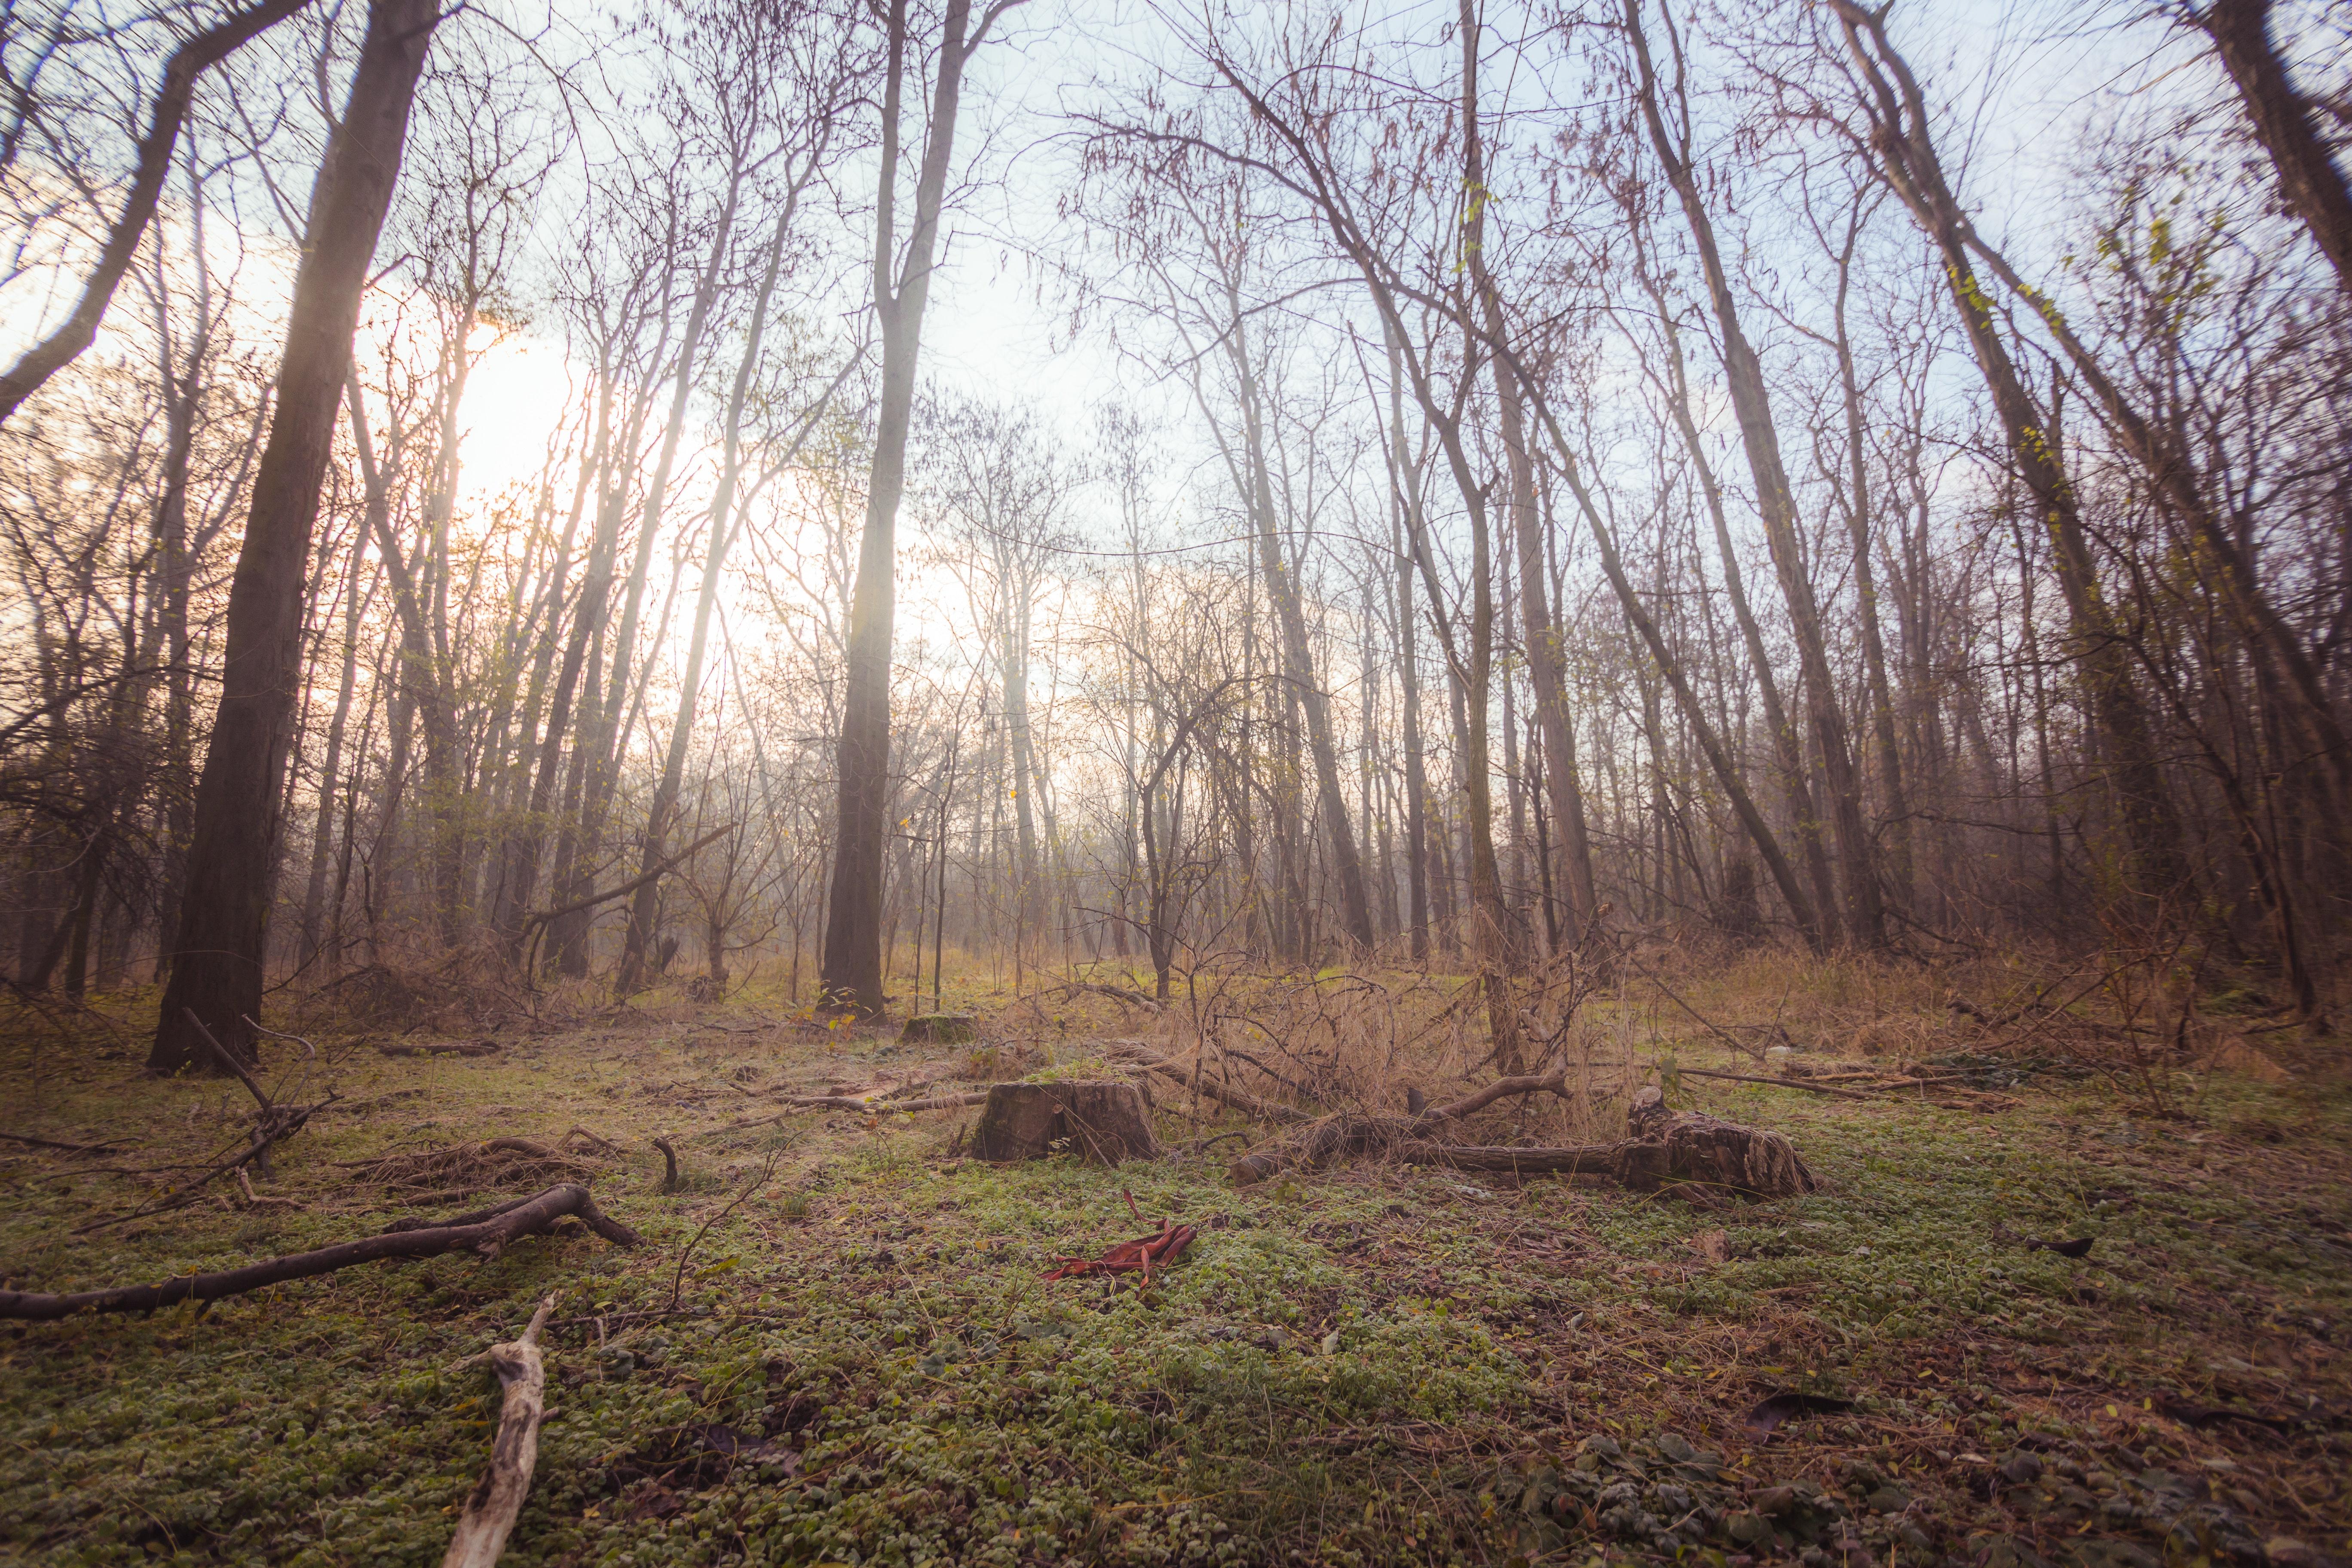 Darmowe Zdjęcia 4k Tapety Gołe Drzewa świt Zmierzch środowisko